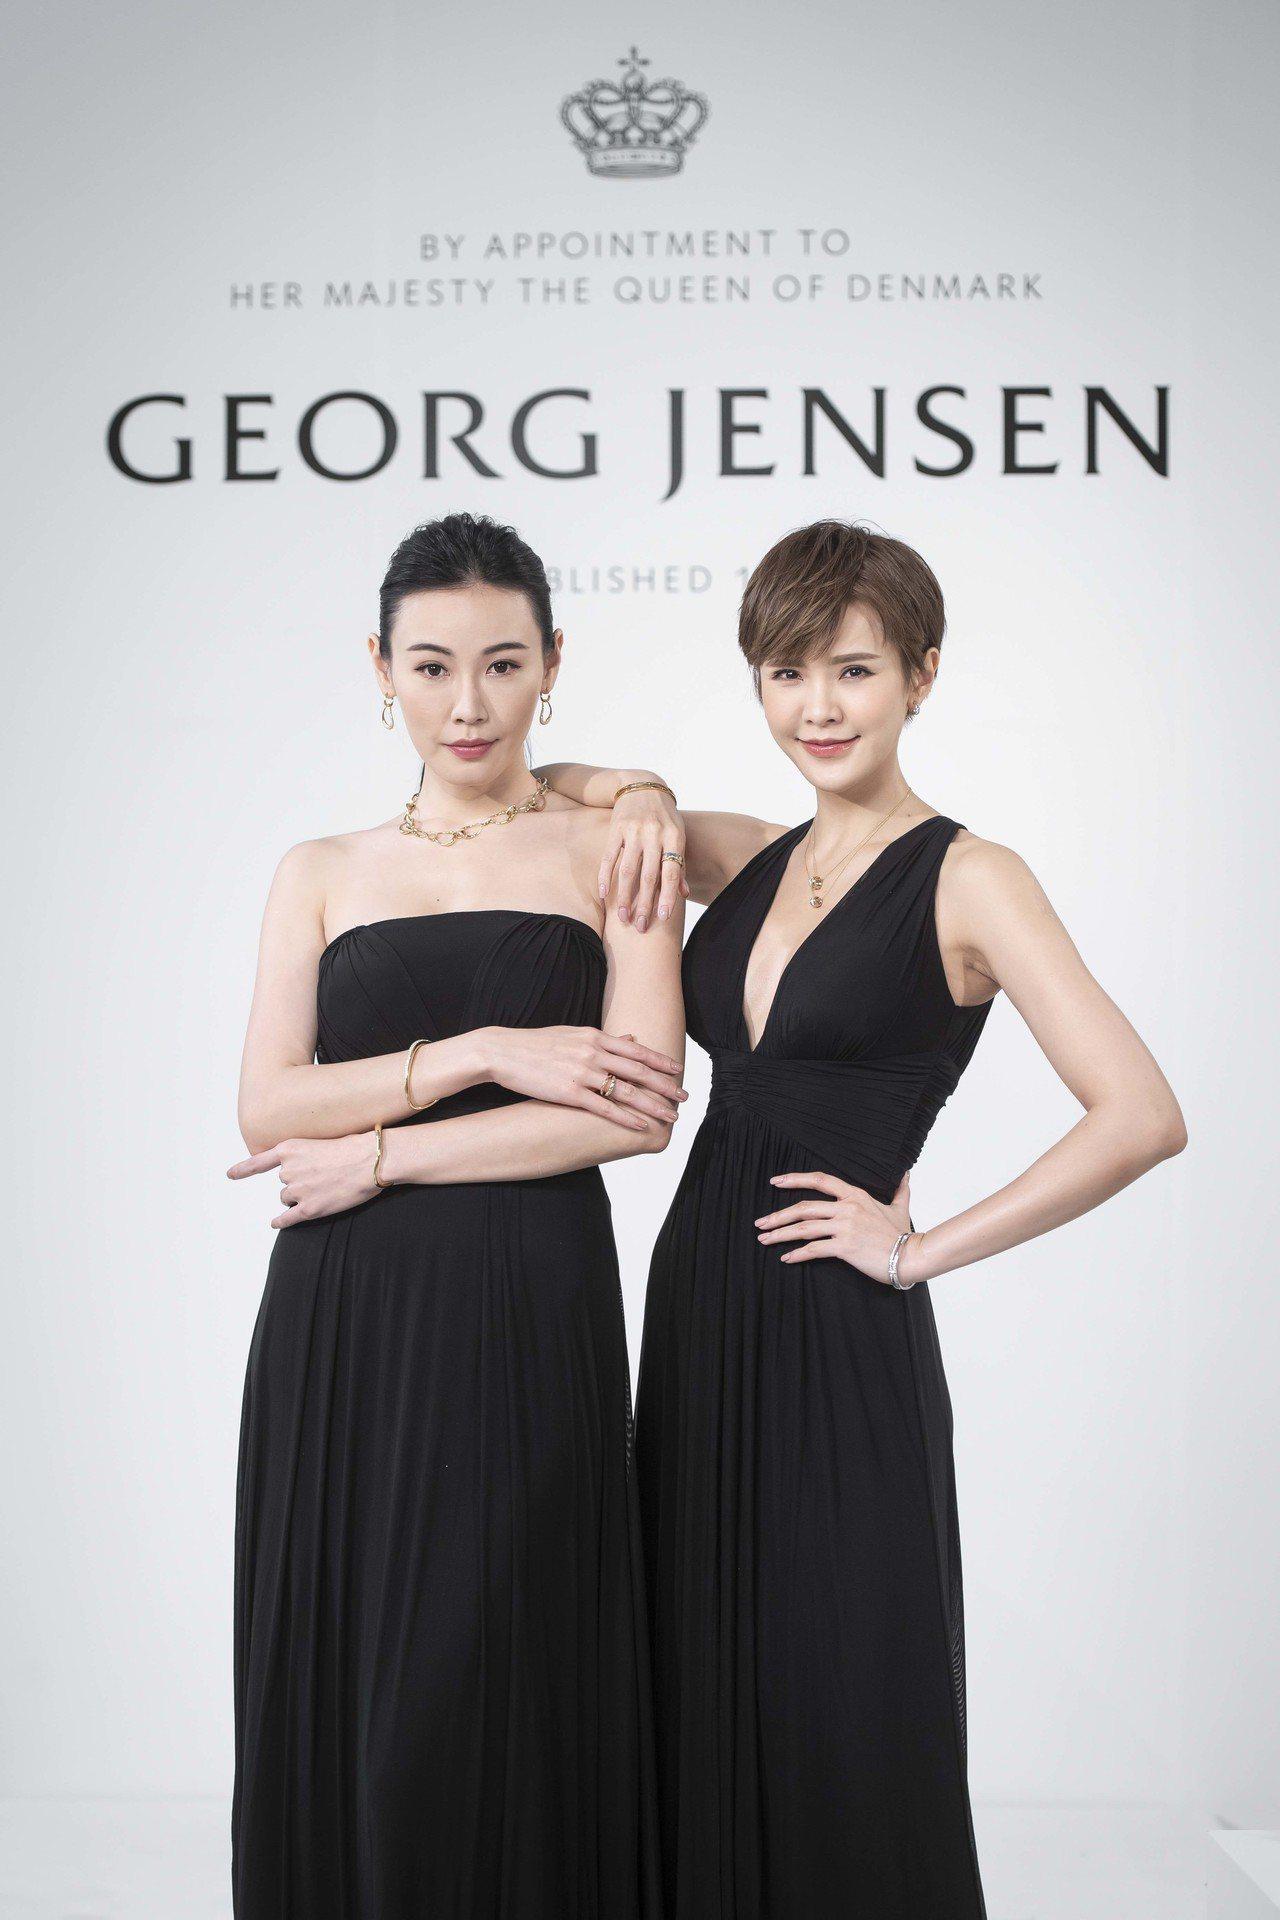 模特兒展演GEORG JENSEN珠寶。圖/喬治傑生提供